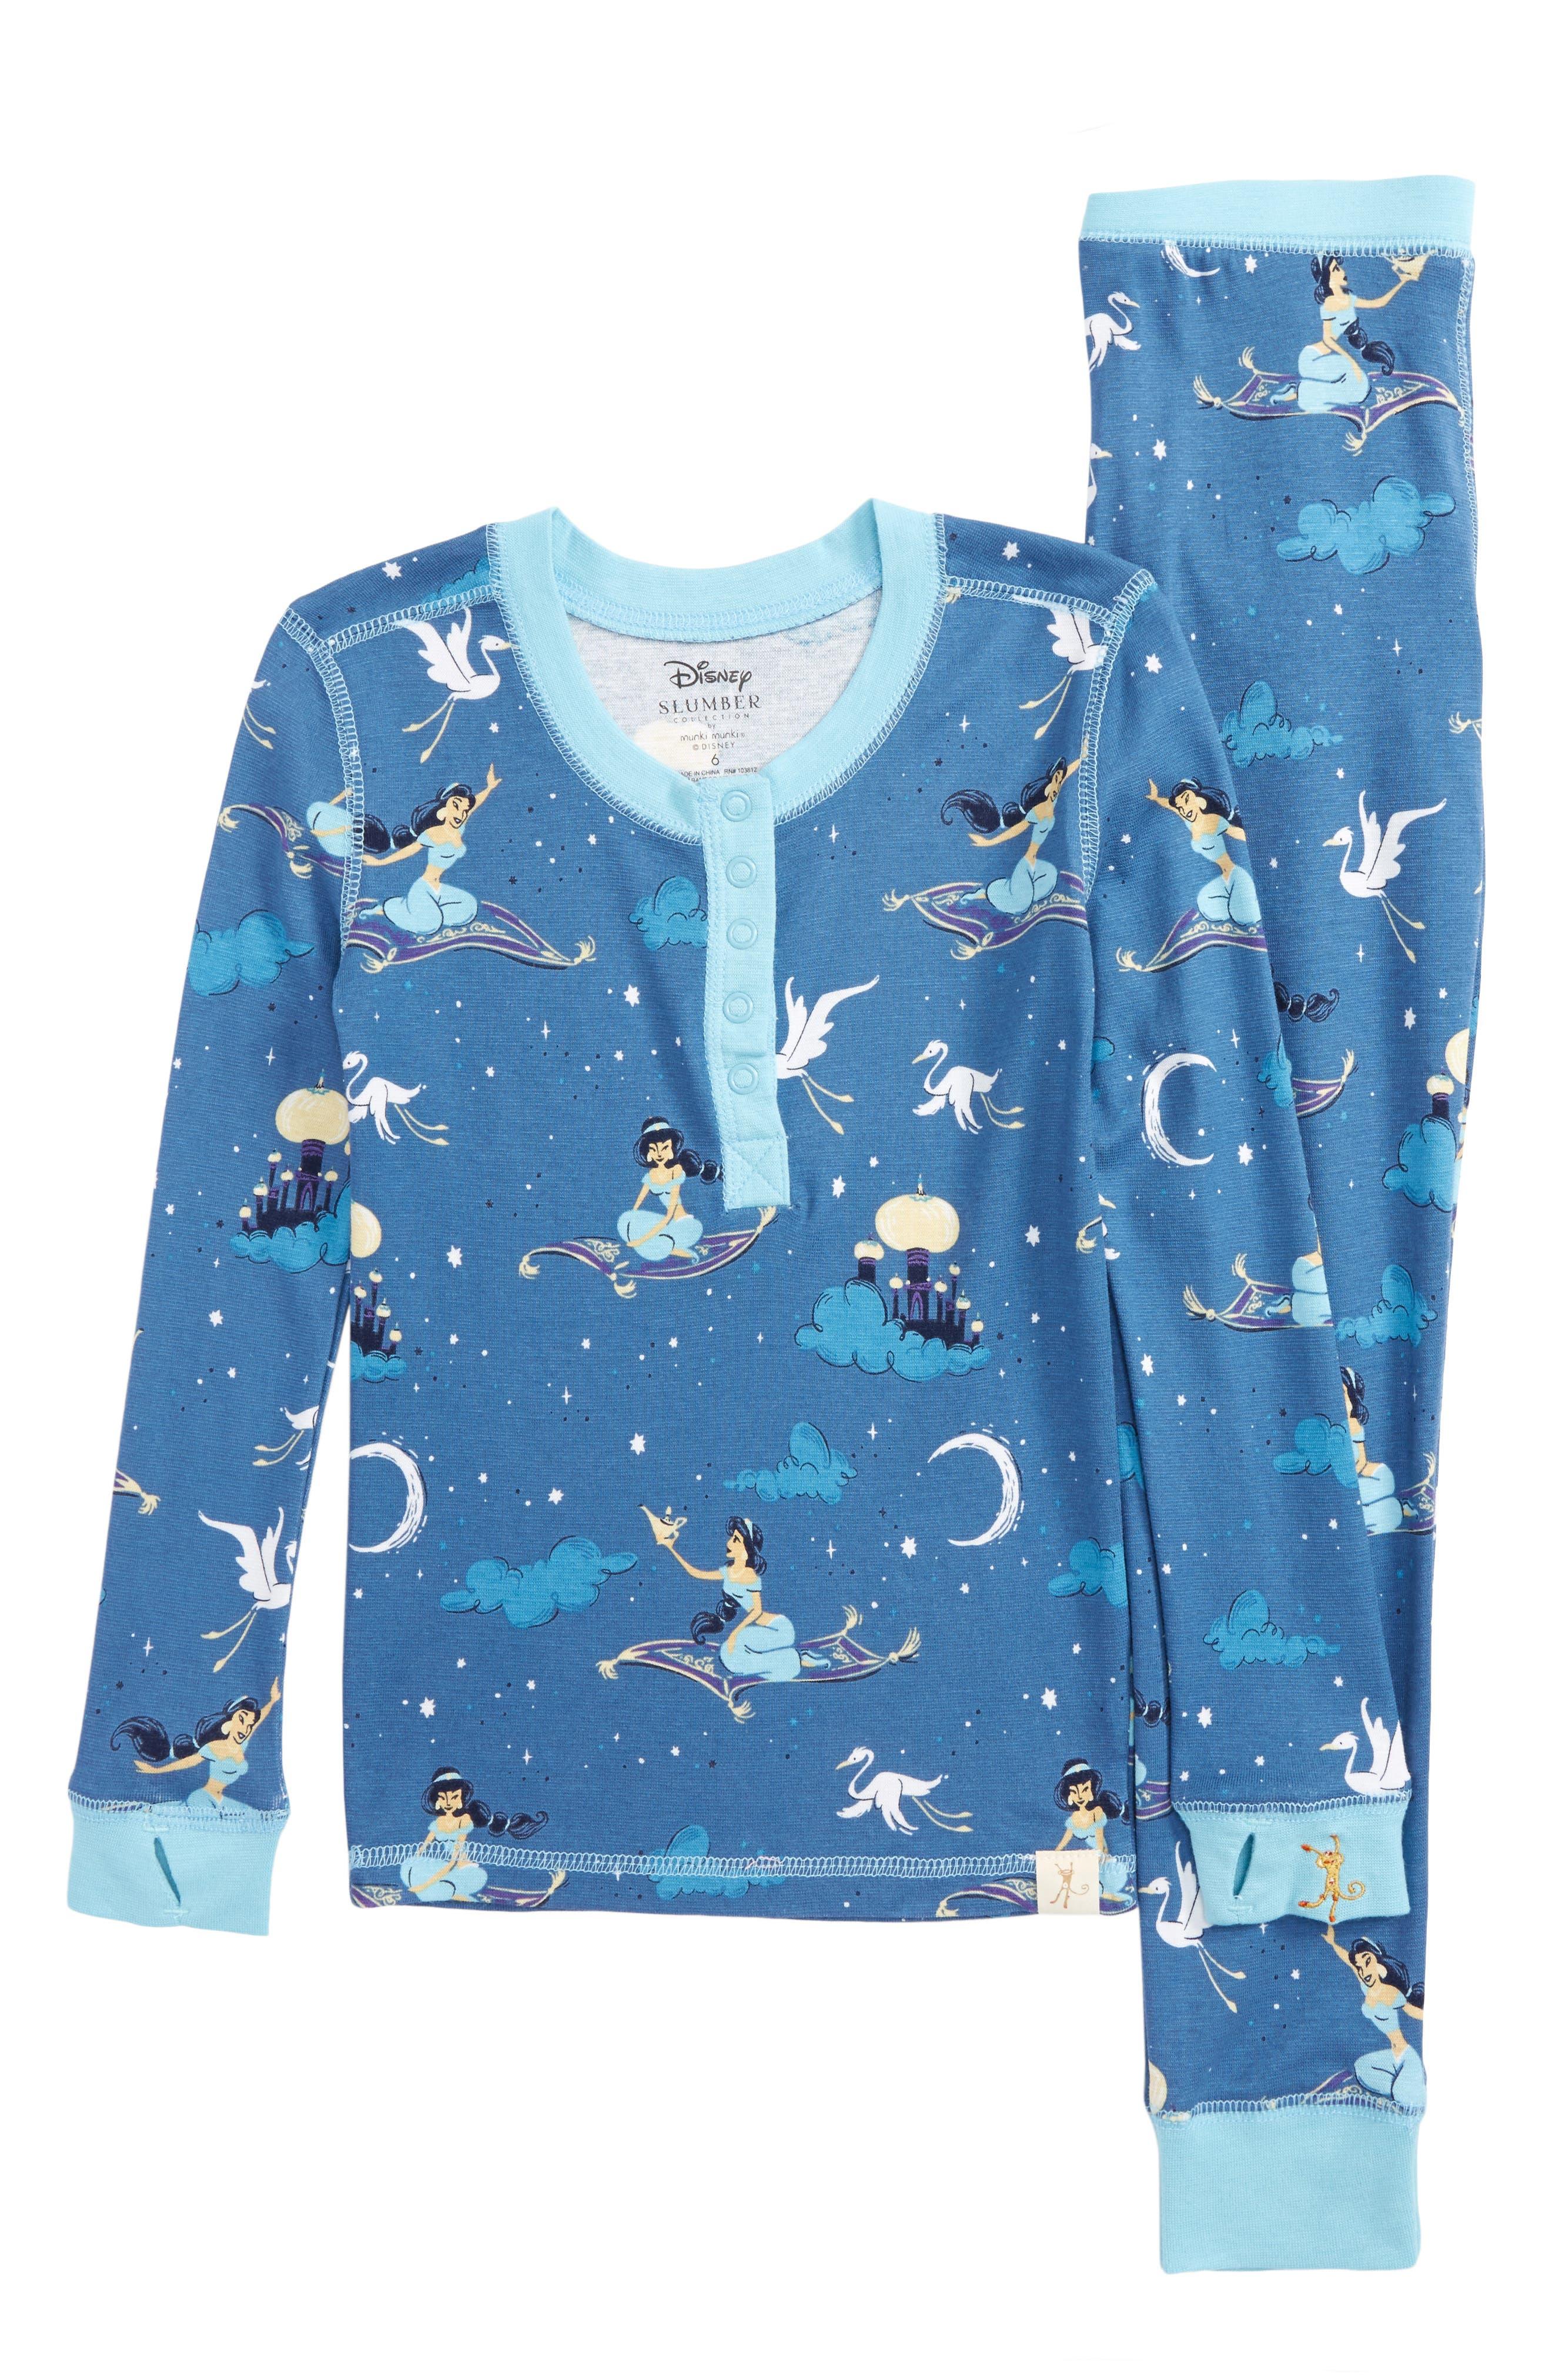 Disney – Princess Jasmine Fitted Two-Piece Pajamas,                         Main,                         color, Navy Jasmine